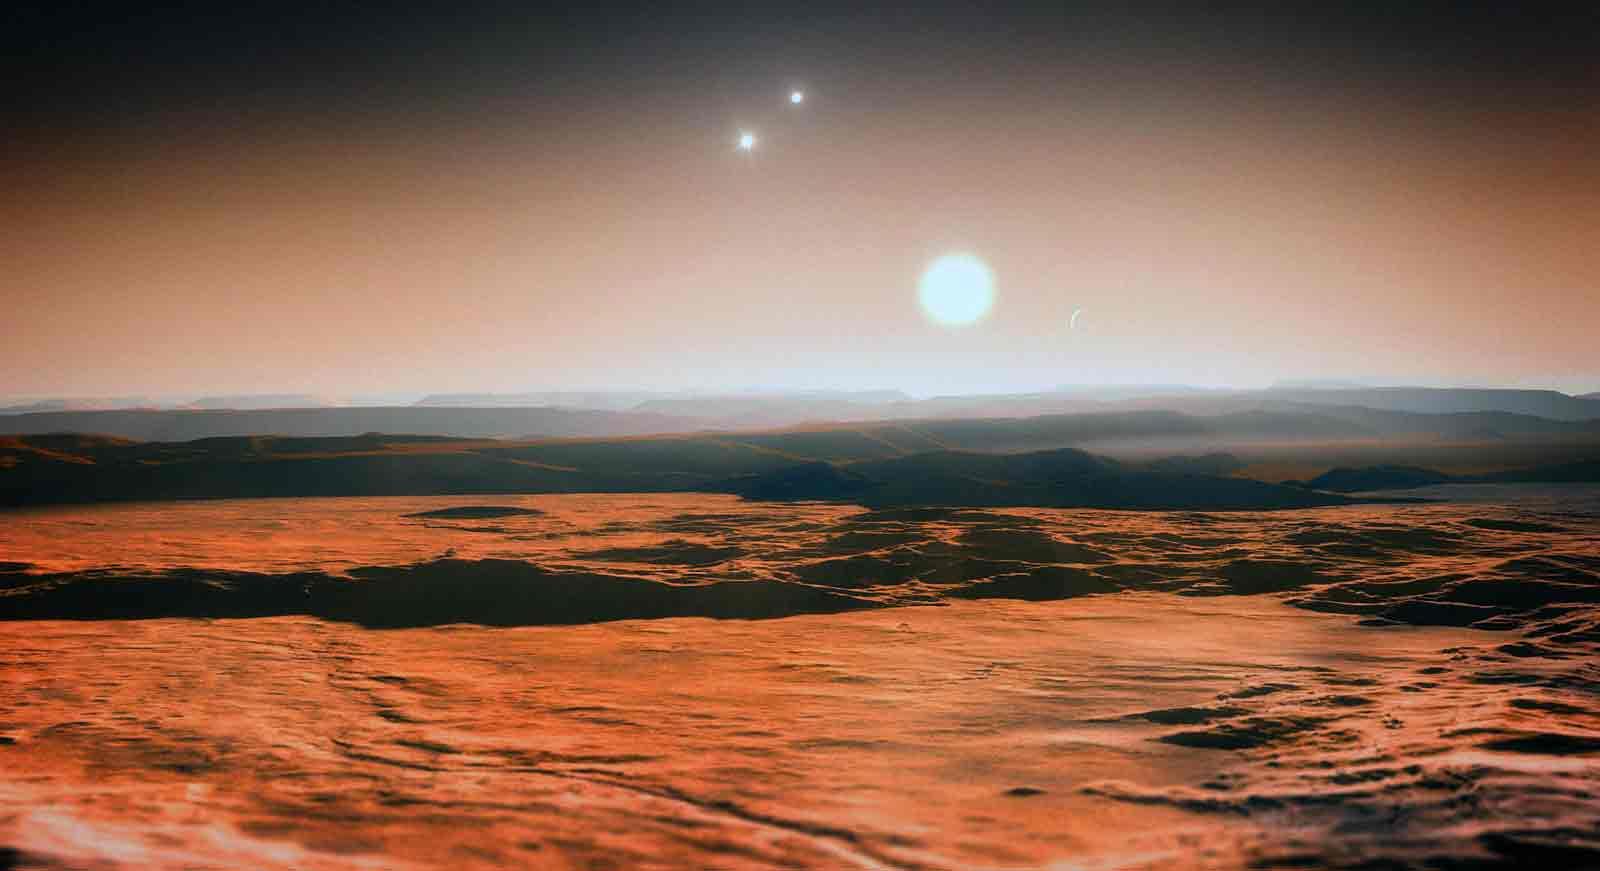 Художественное изображение рассвета в системе из 3 и более звёзд